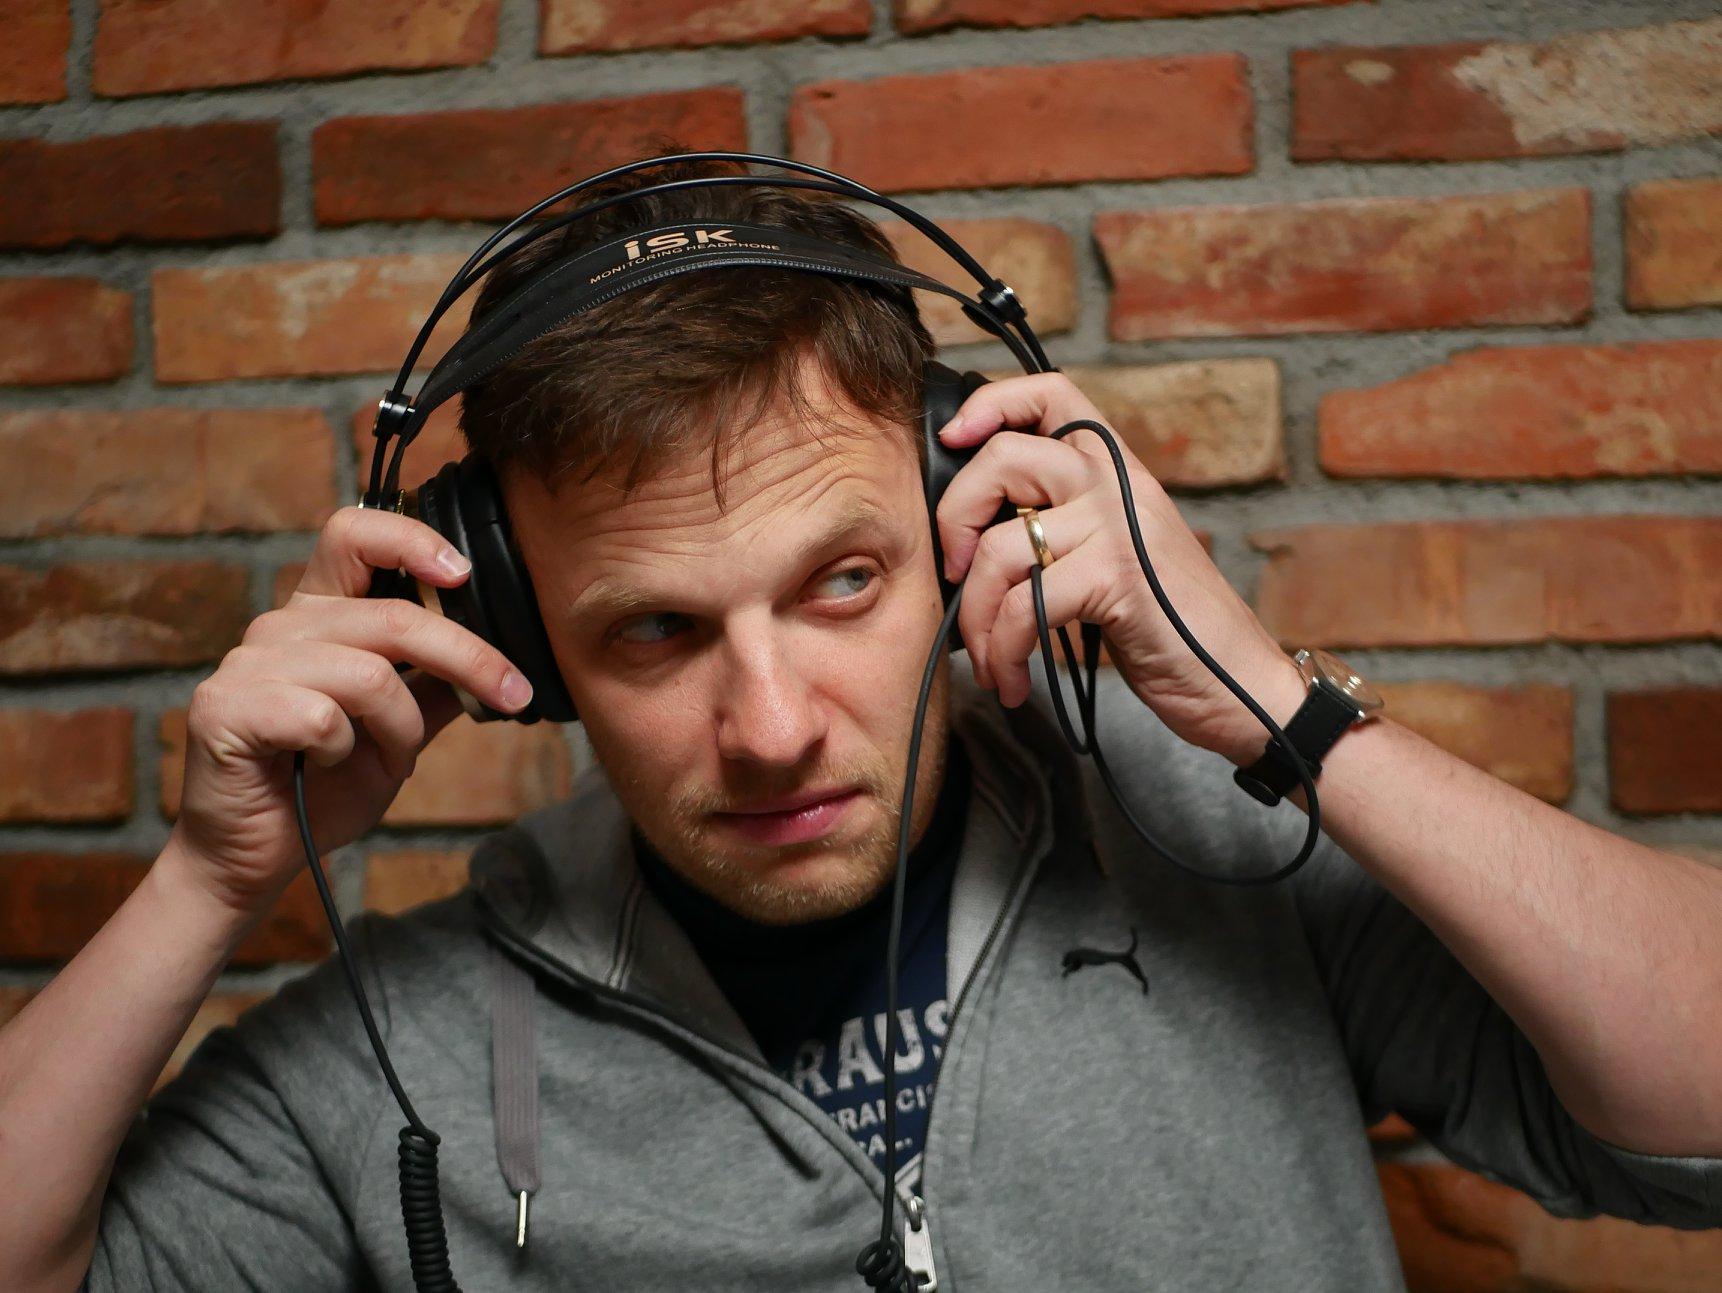 Fot. Andrzej Kozerski